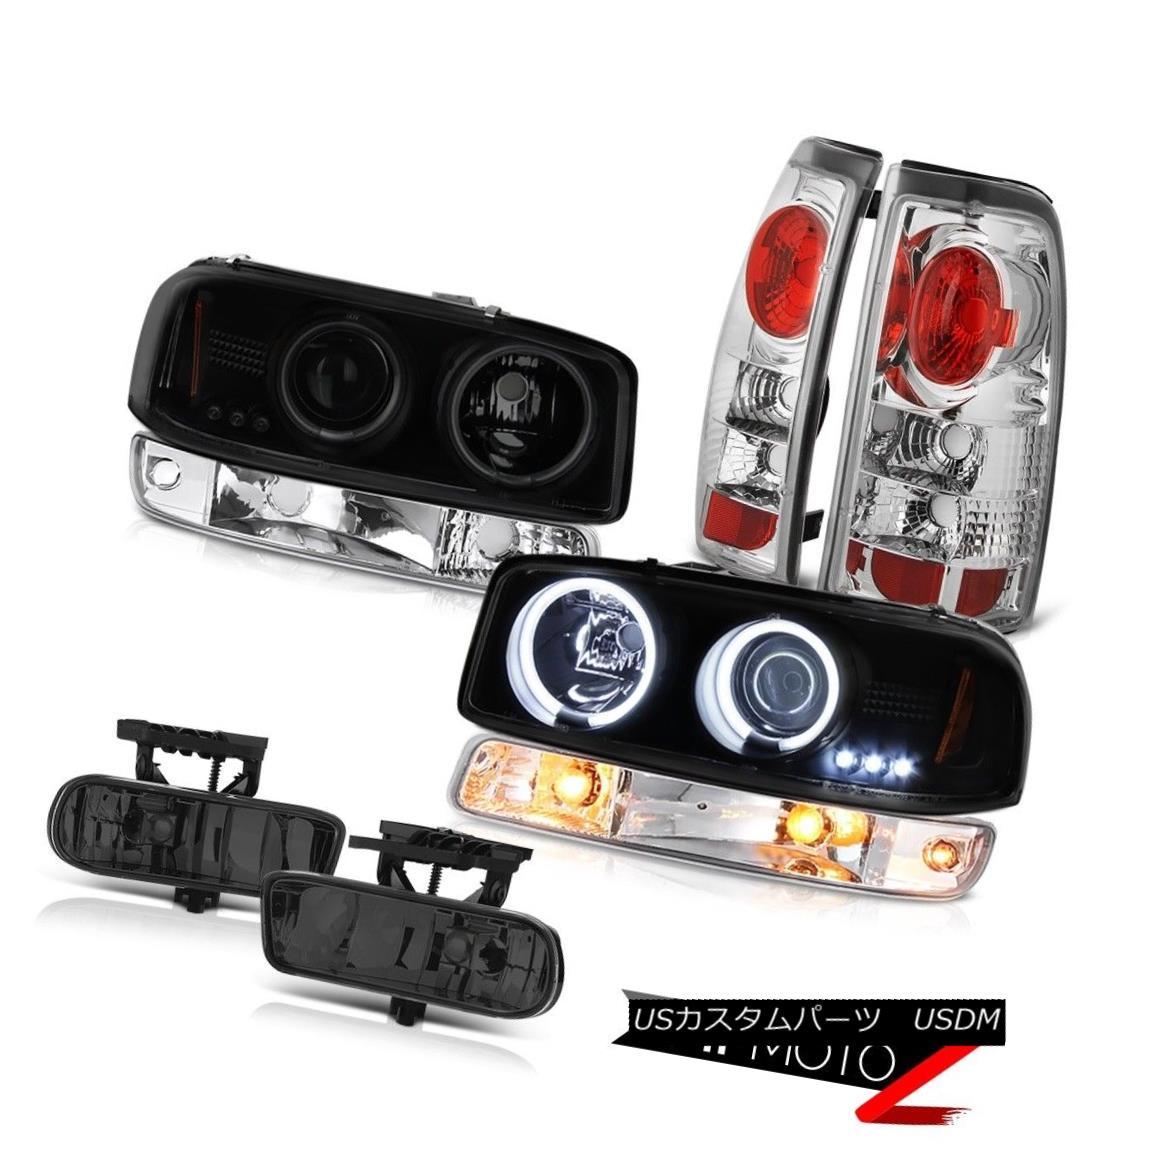 テールライト 99-02 Sierra SLE Fog lights clear chrome tail parking light ccfl Headlights LED 99-02シエラSLEフォグライトクリアクロムテールパーキングライトccflヘッドライトLED